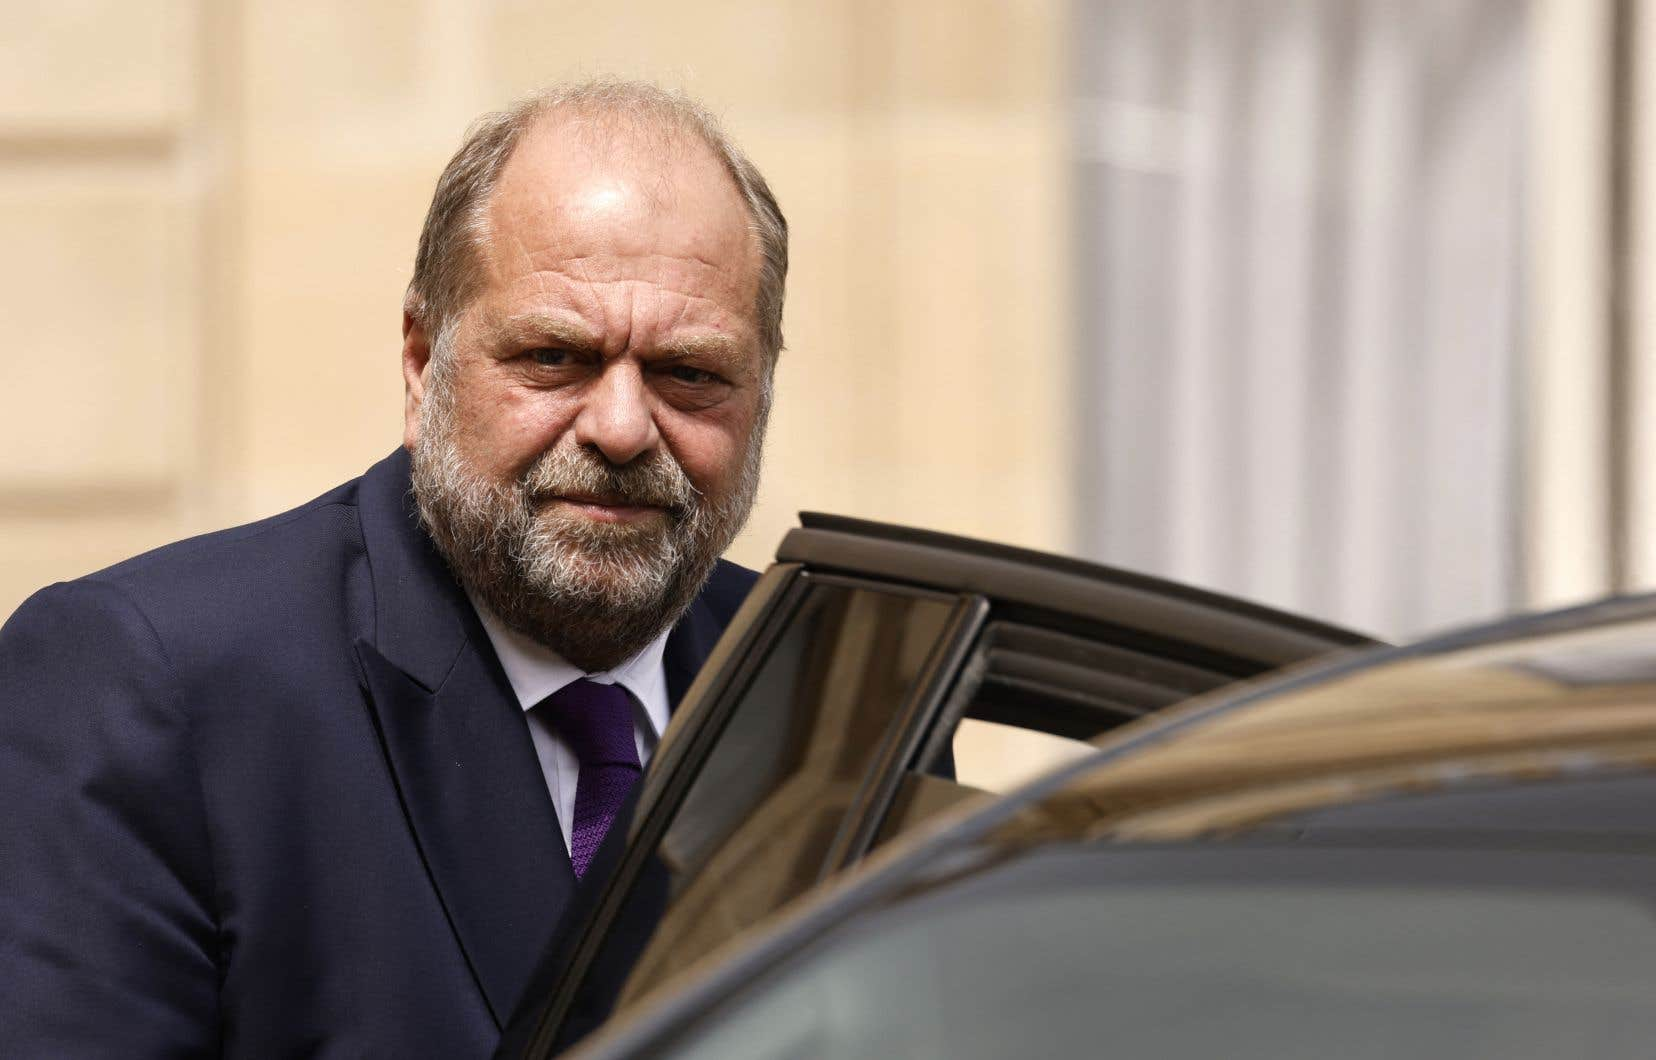 Éric Dupond-Moretti est soupçonné d'avoir profité de sa fonction de ministre pour régler ses comptes avec des magistrats avec lesquels il avait eu maille à partir quand il était avocat, ce qu'il réfute.